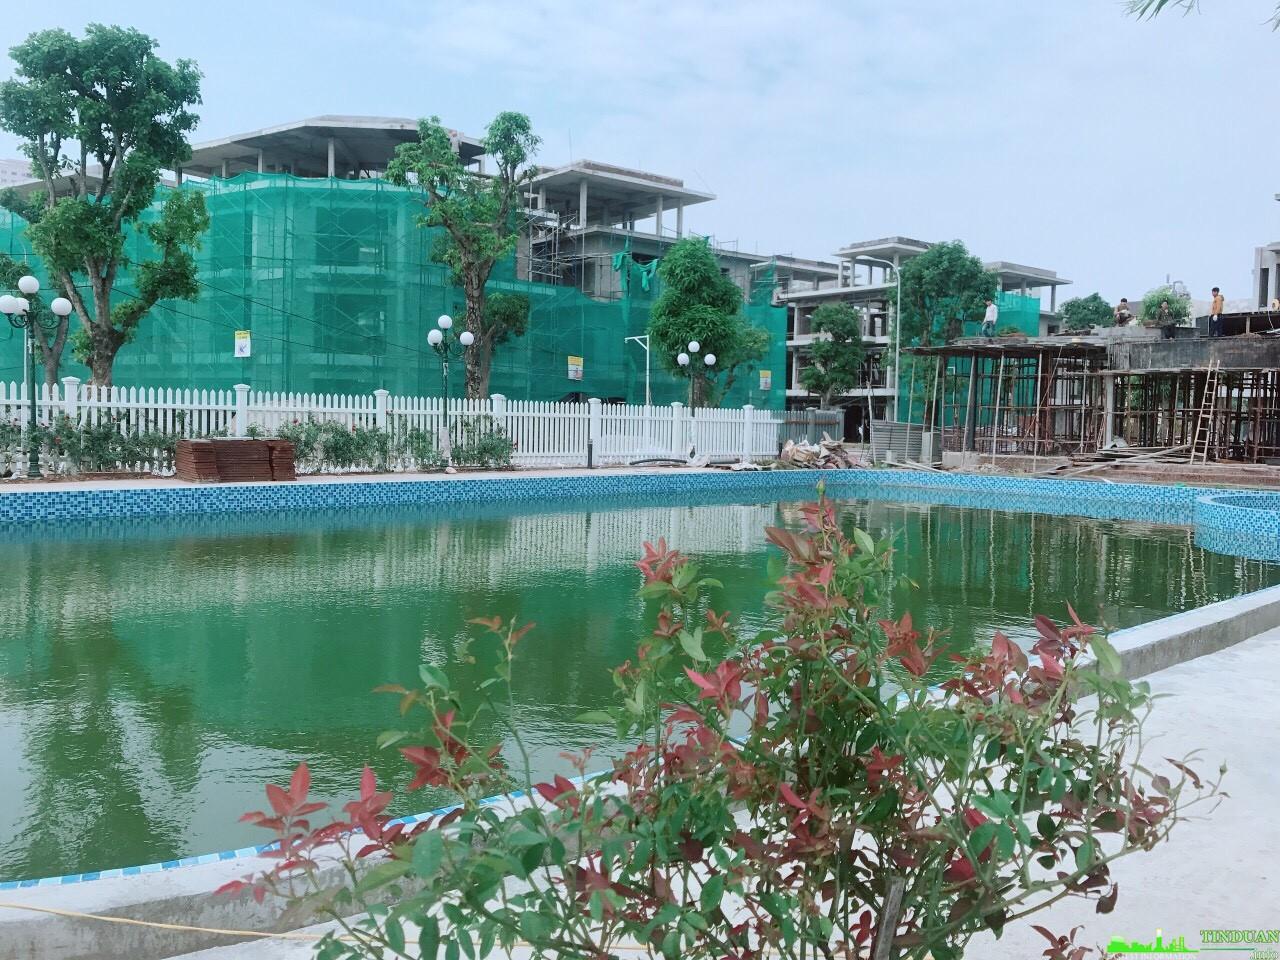 Bể bơi dự án The Eden Rose Biệt thự hoa hồng